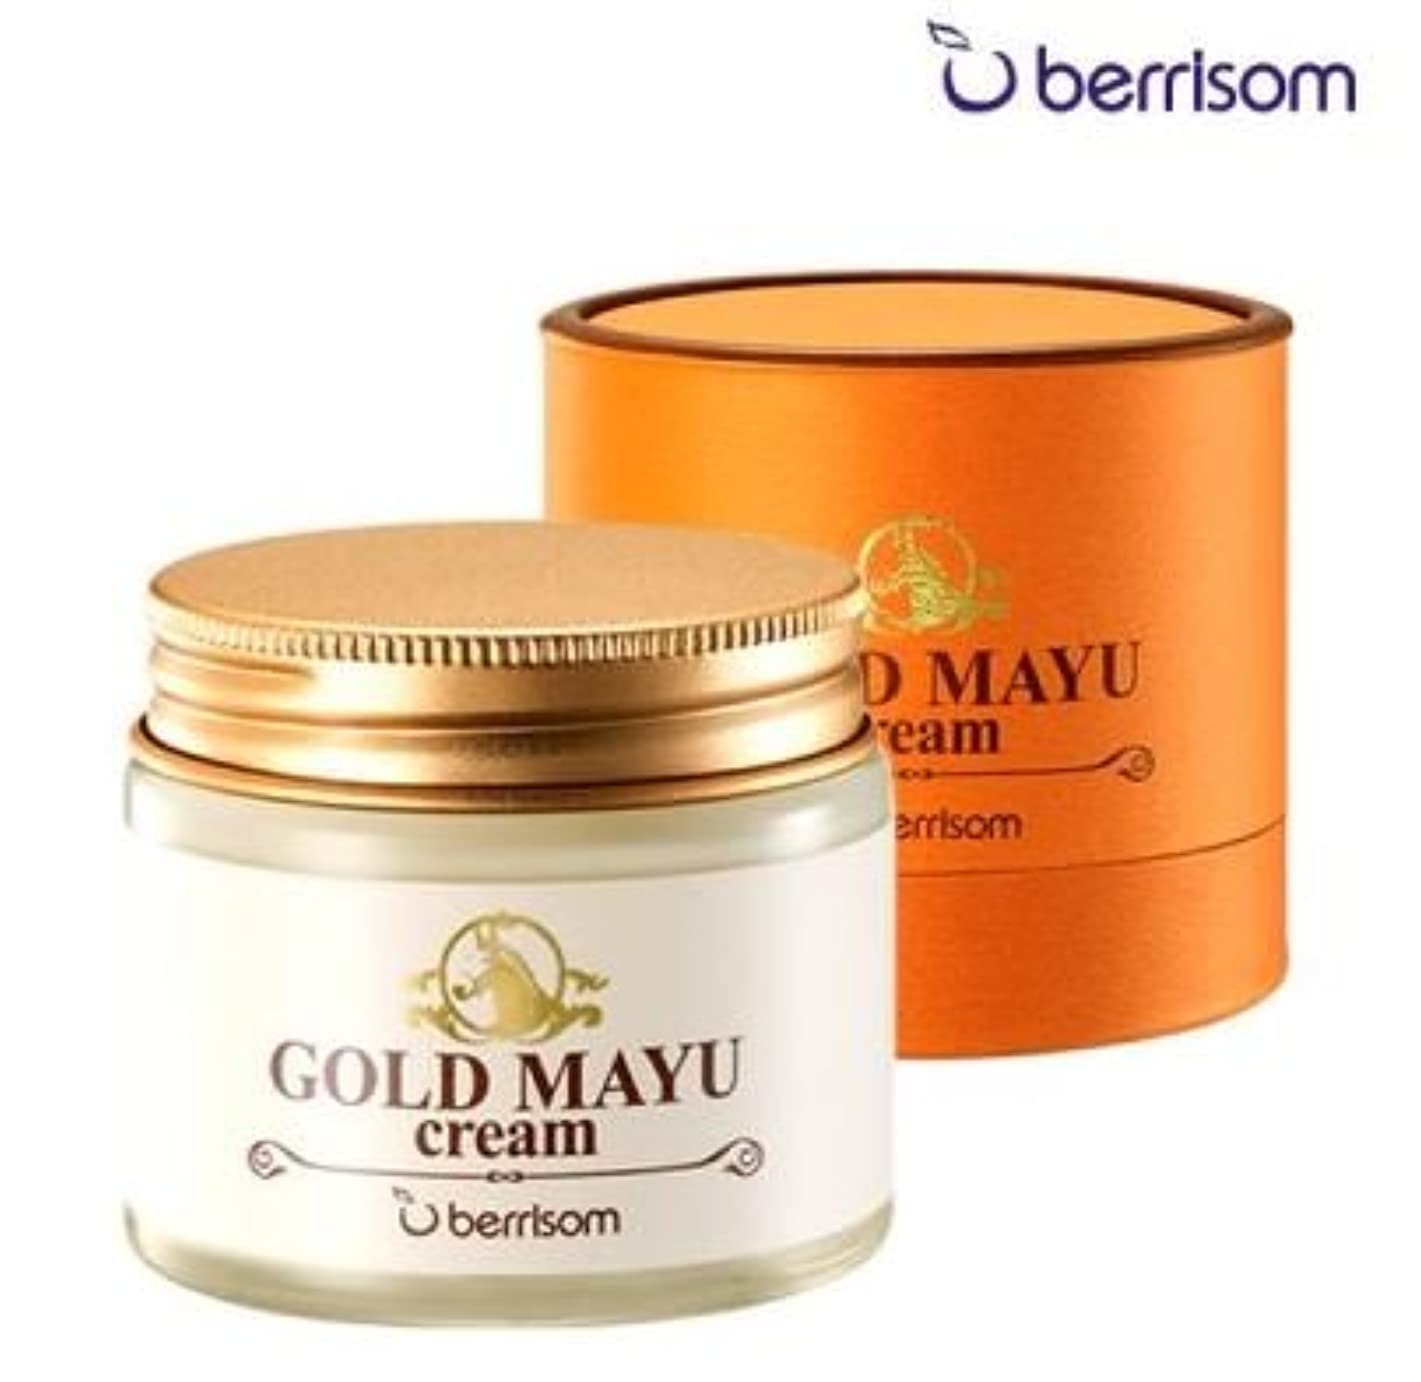 追い越す運営計器Berrisom(ベリサム) ゴールド 馬油クリーム/Gold Mayu Cream/Horse Oil Cream(70g) [並行輸入品]